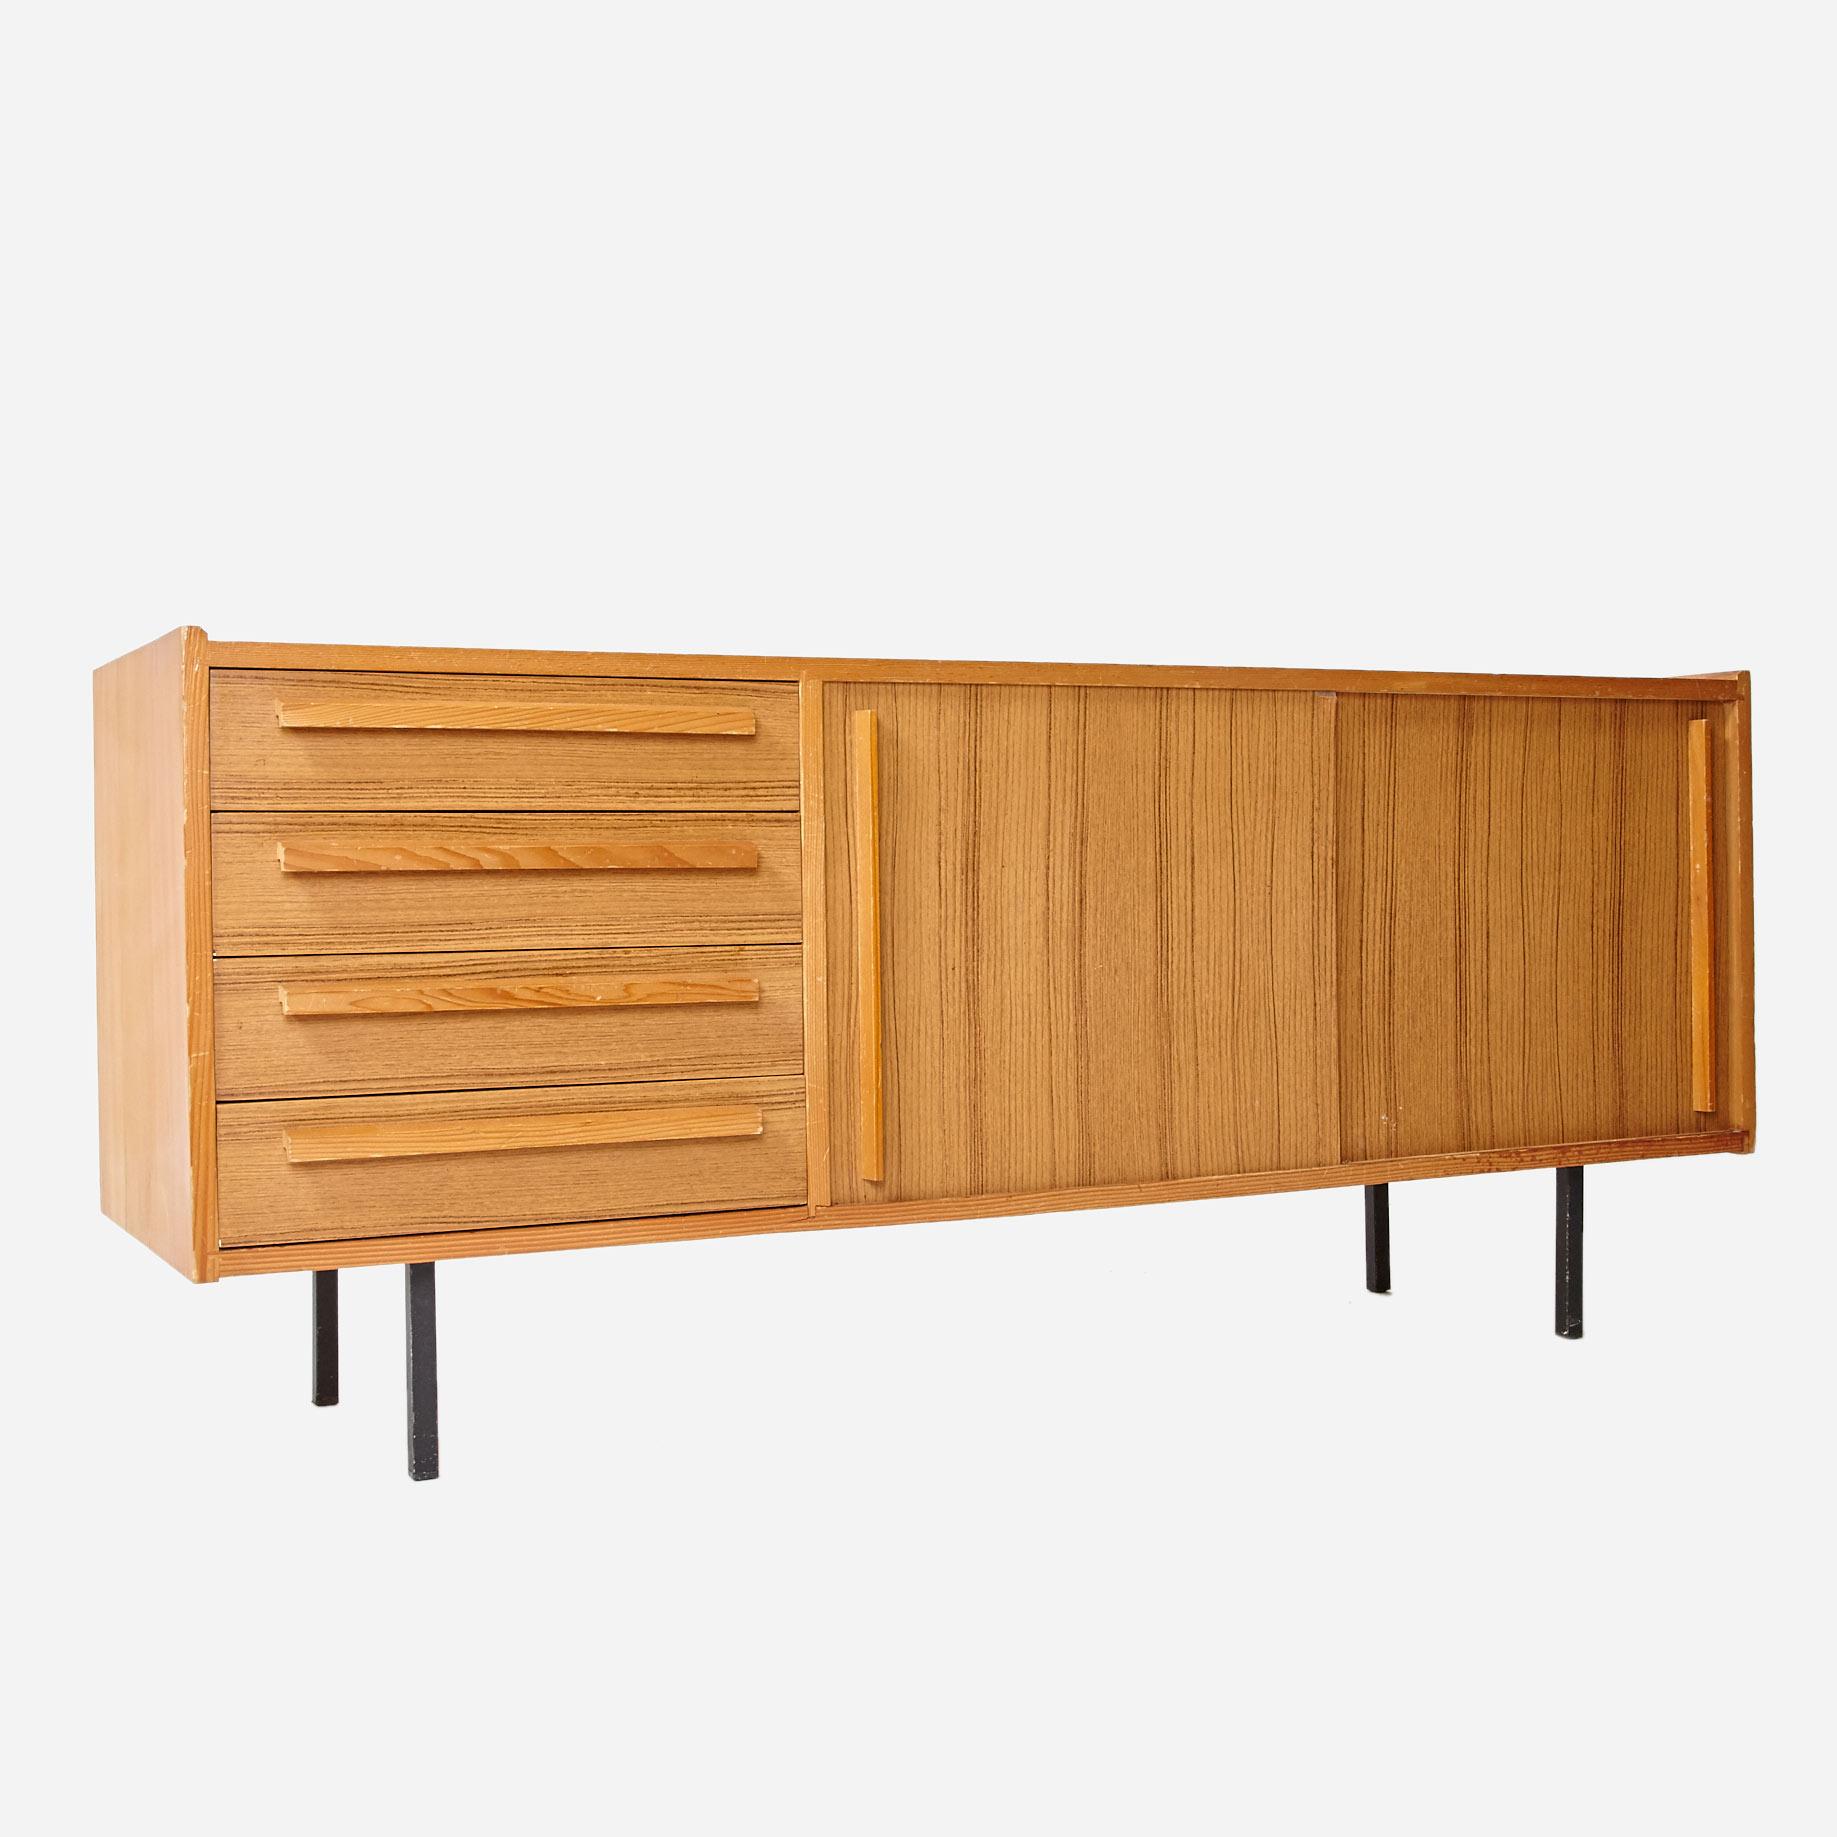 sideboard mit 4 schubladen und schiebet ren m bel z rich. Black Bedroom Furniture Sets. Home Design Ideas